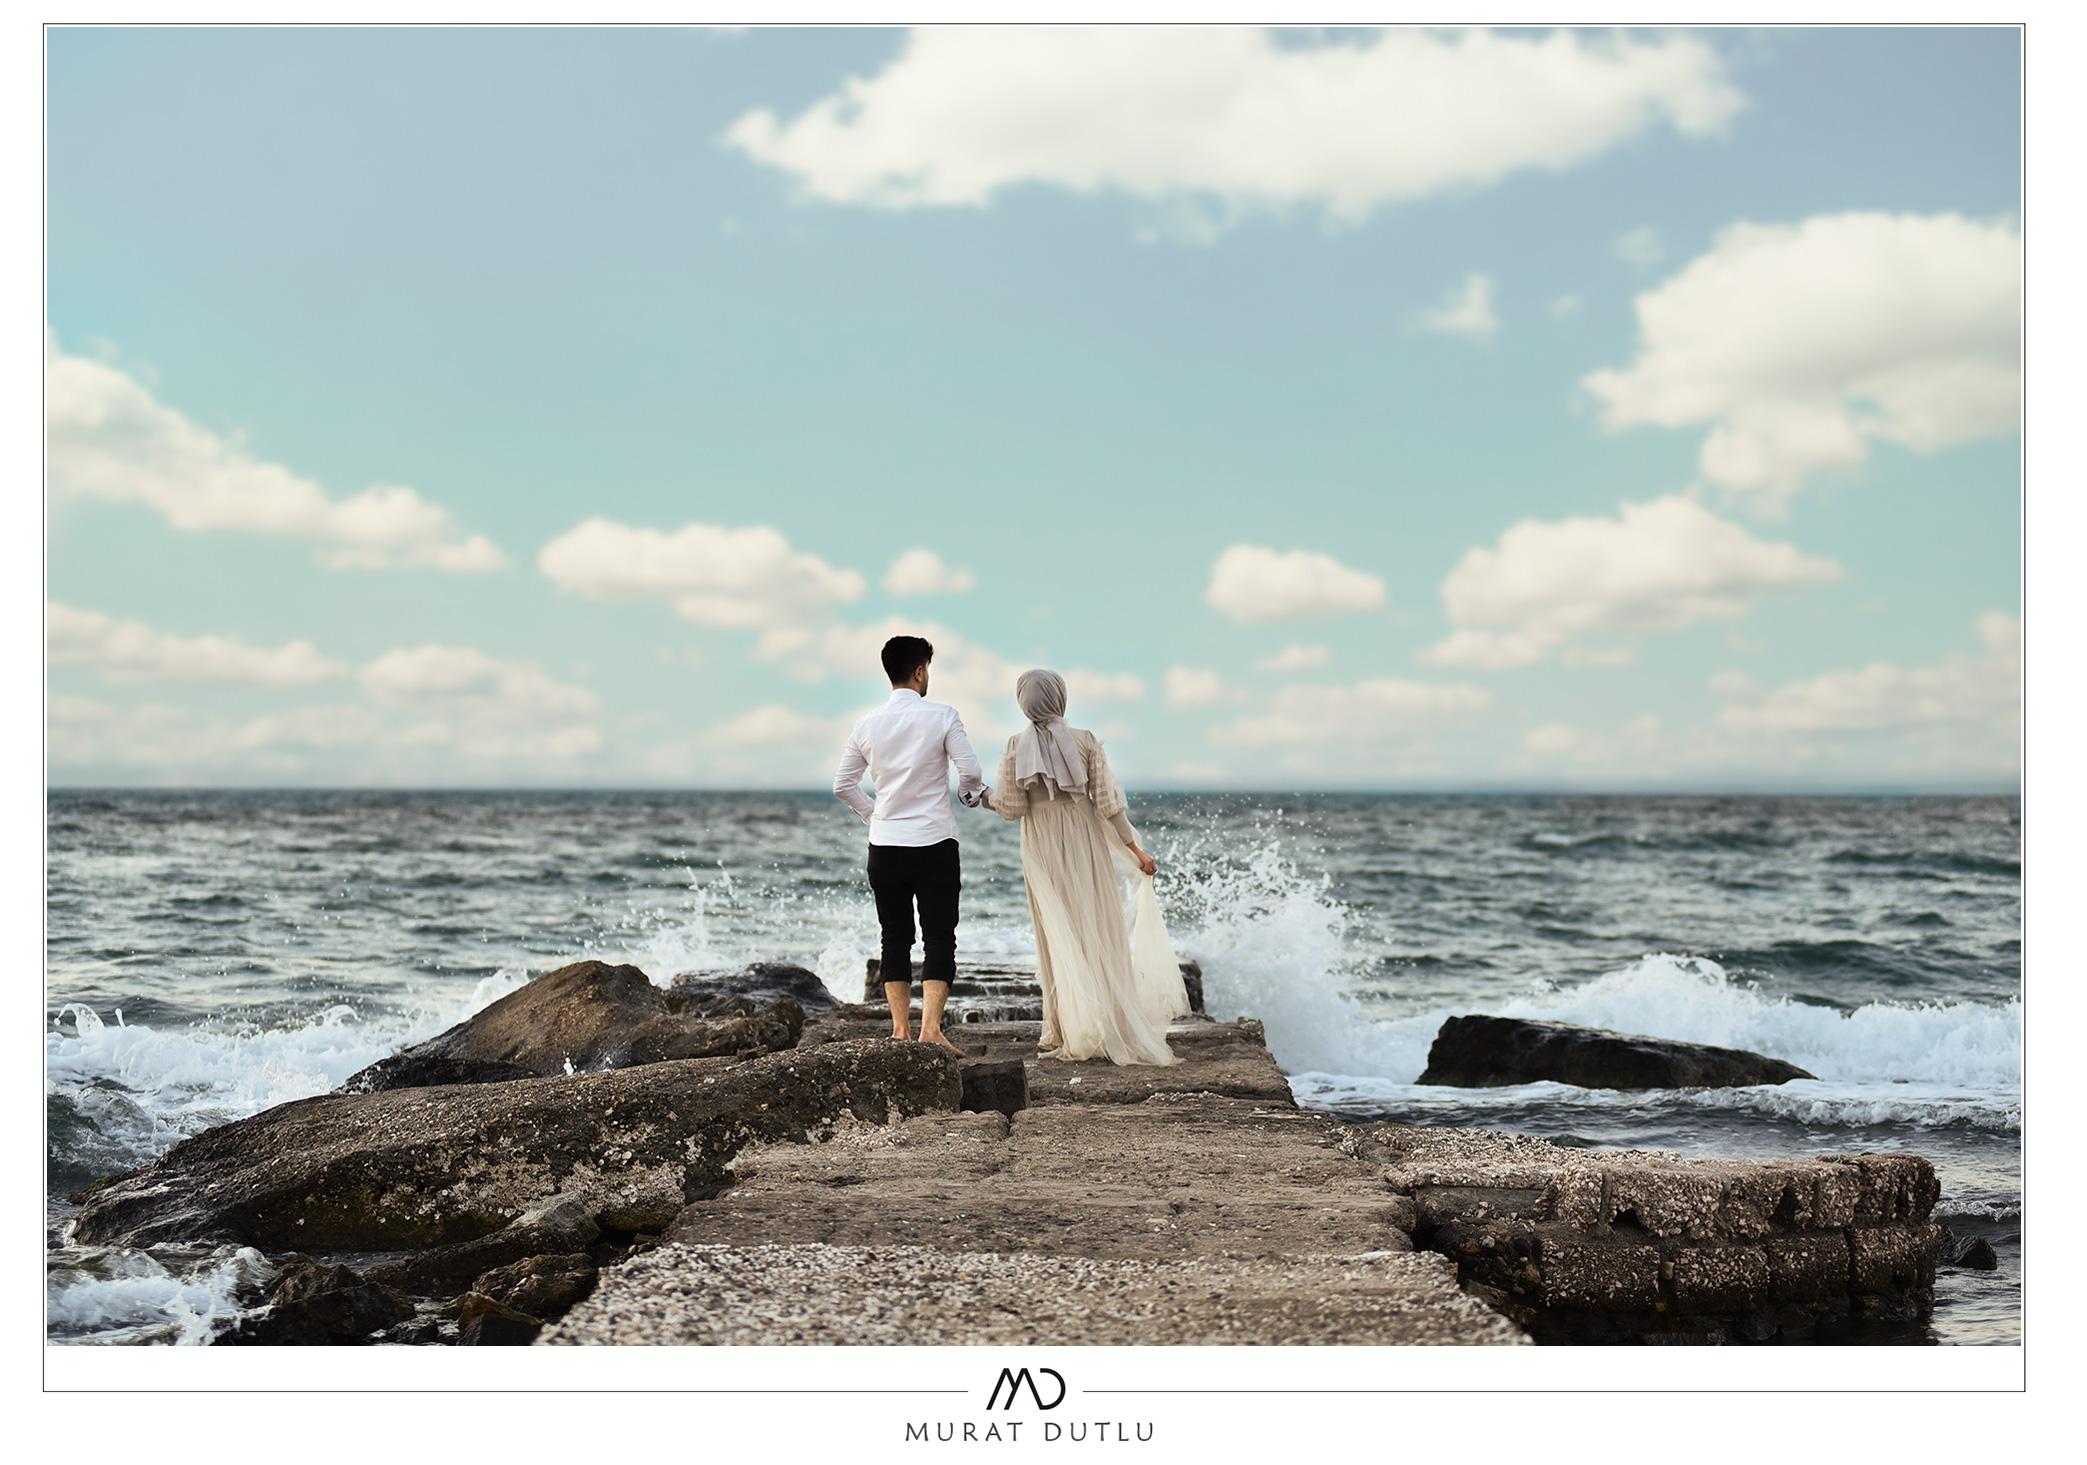 İzmir dış çekim fotoğrafçı, fotoğraf platosu İzmir,